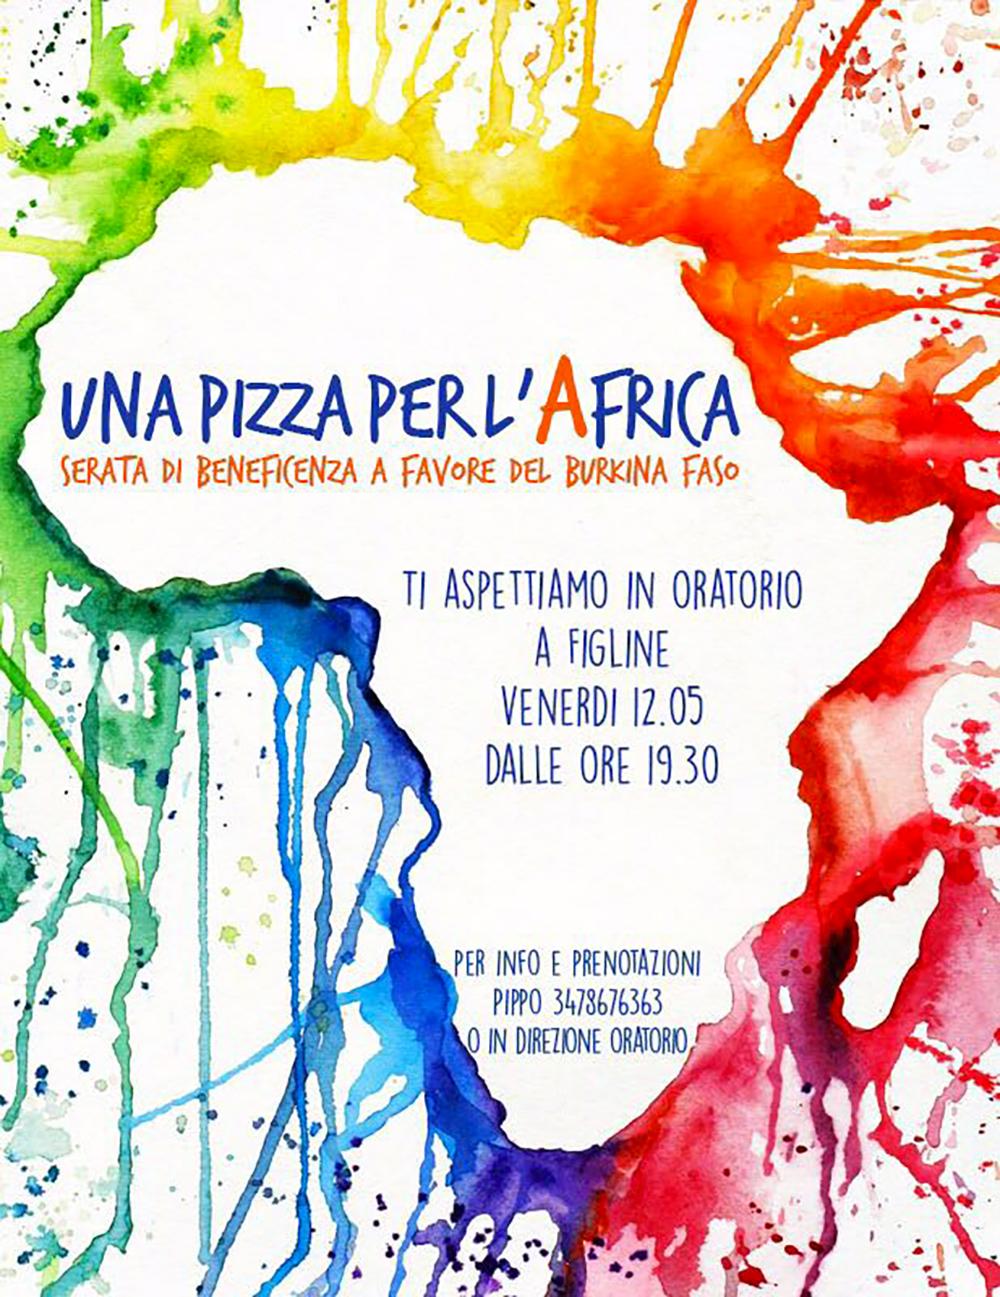 Una pizza per l'Africa